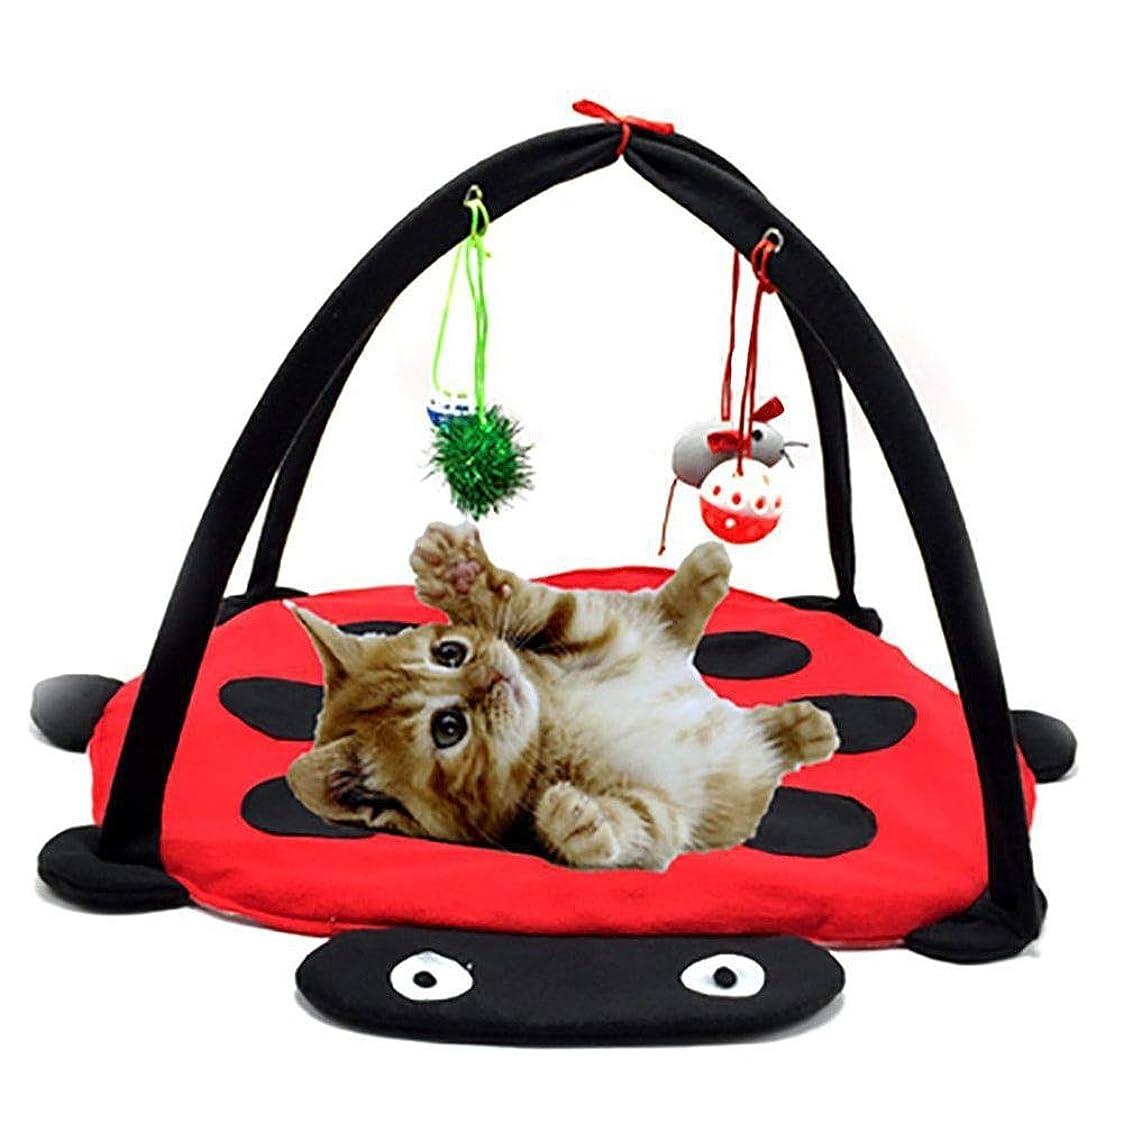 トラップアクセントオフクリエイティブ赤猫のおもちゃペットの猫ハンモックテントおもちゃの猫クライミングフレーム猫のおもちゃ(* 34cmの61 * 61) 快適で耐久性のある